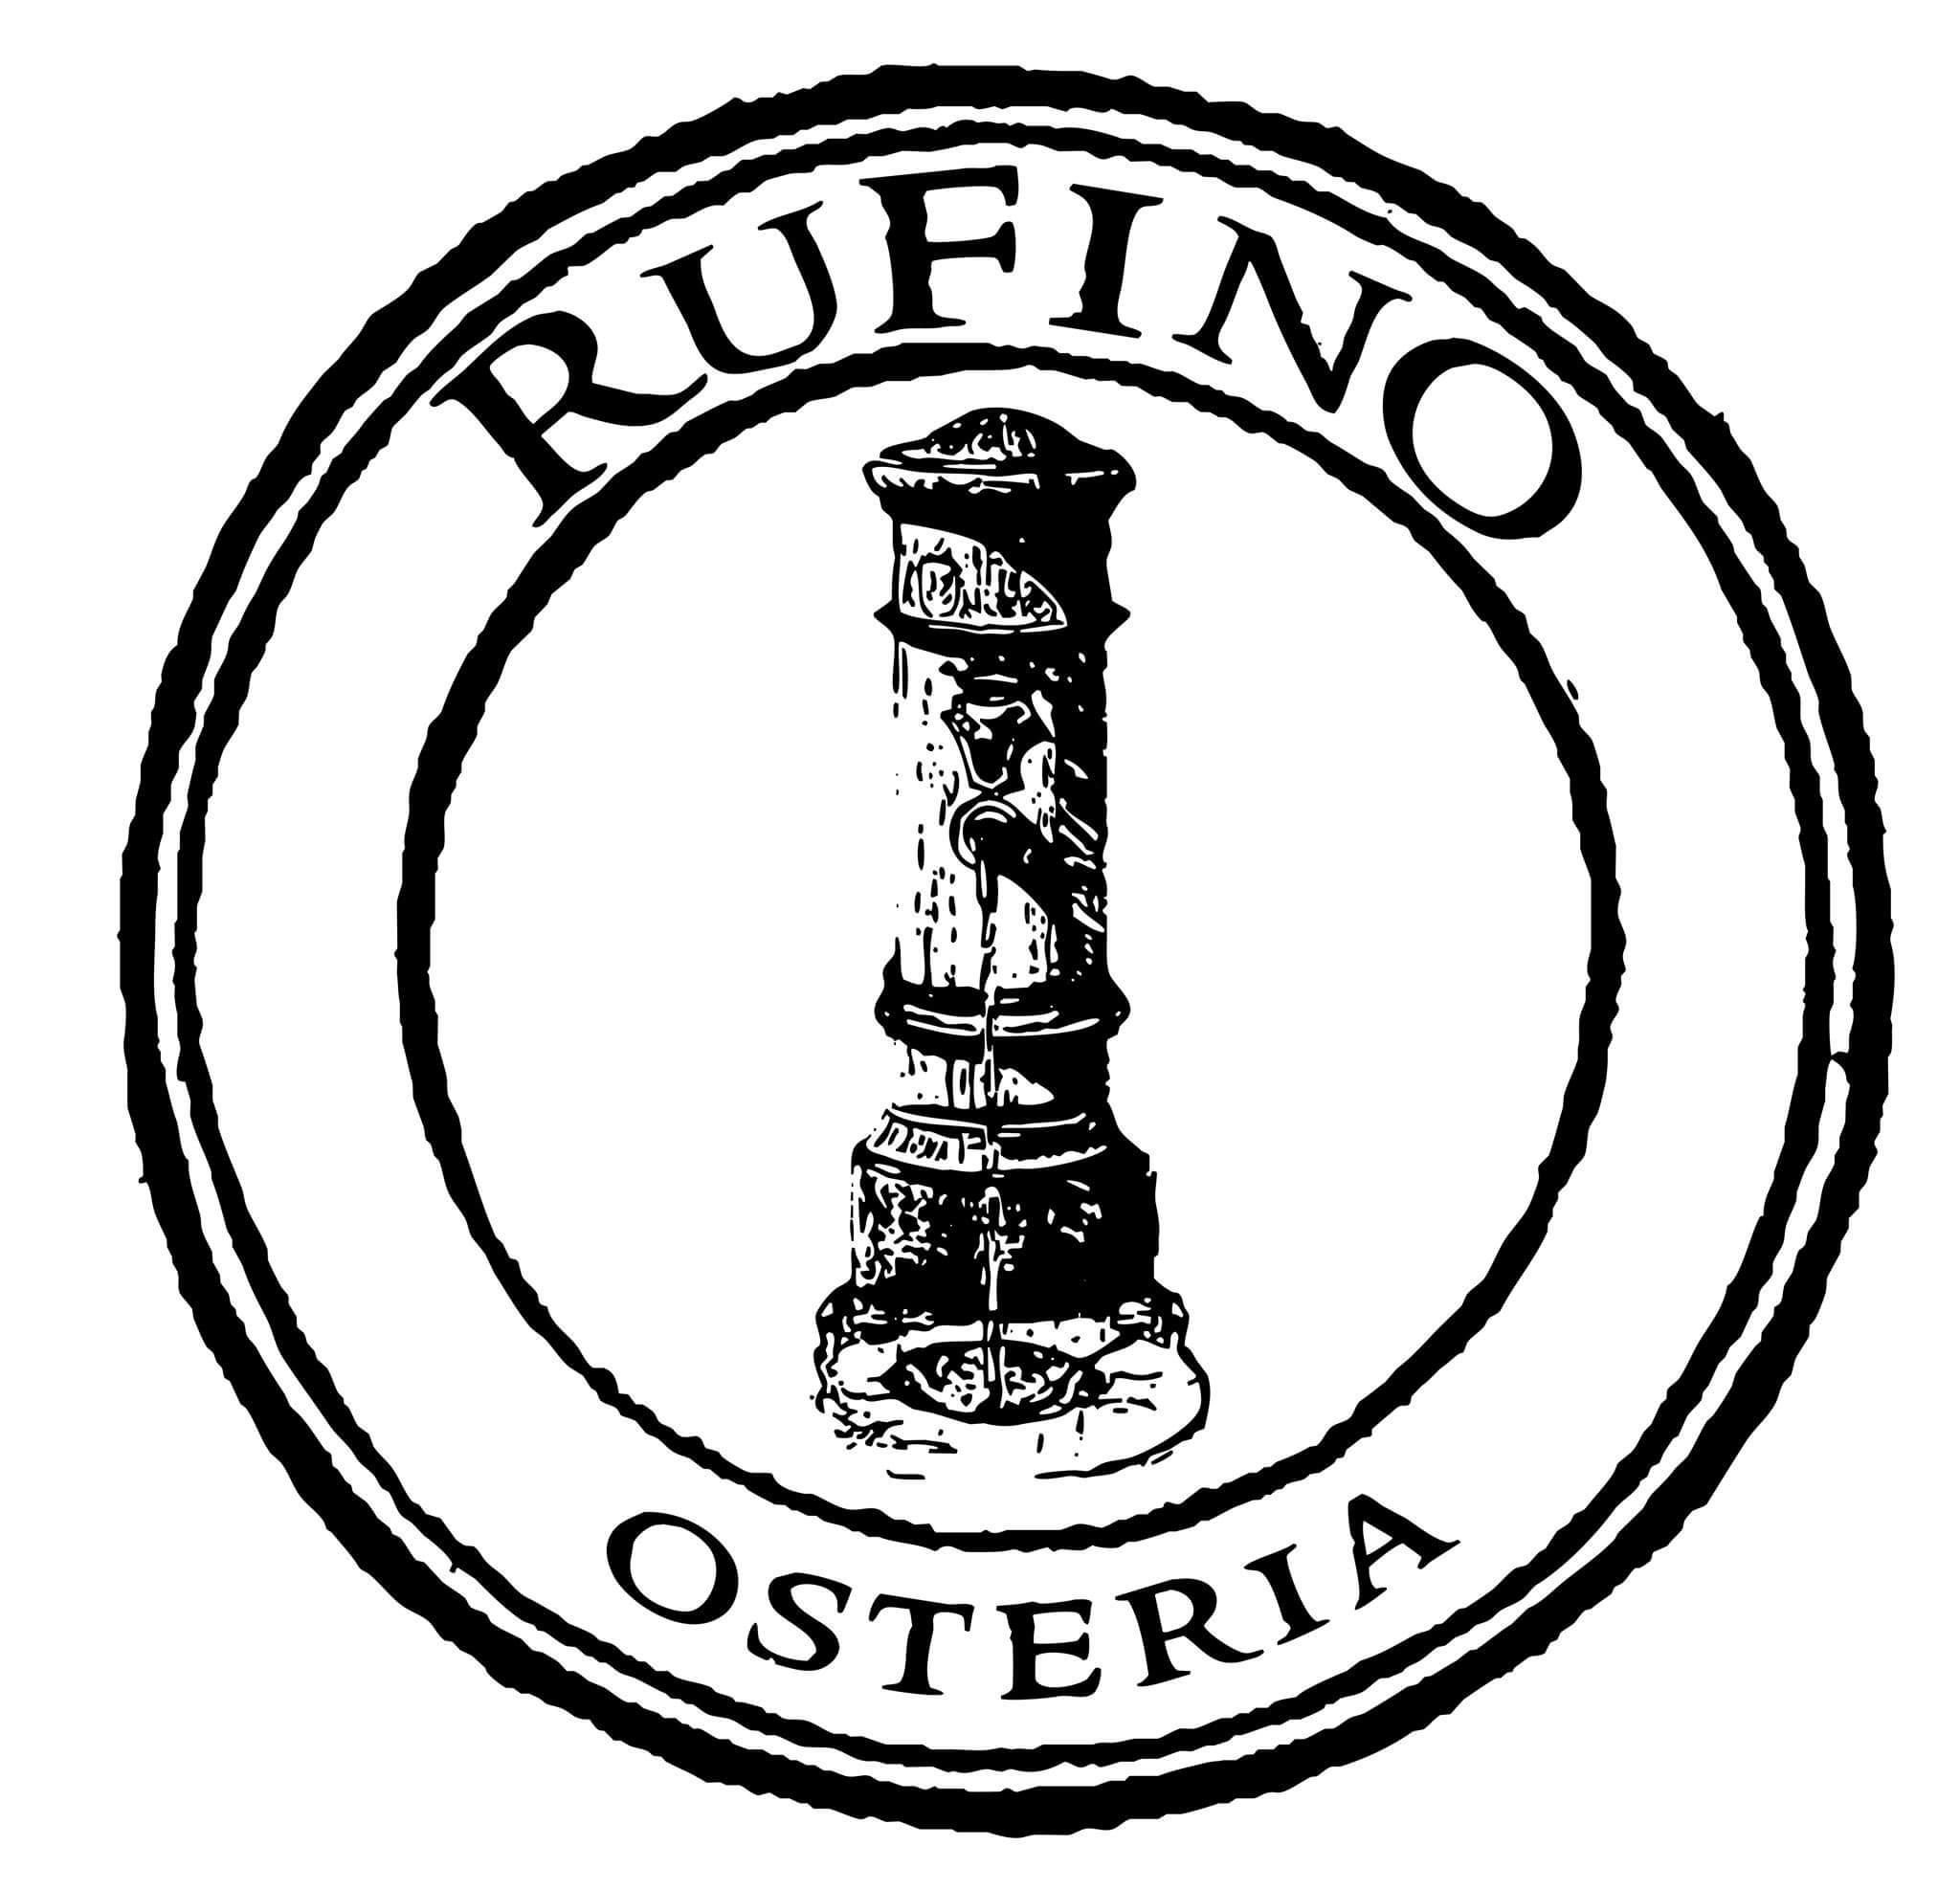 RUFINO OSTERIA logo